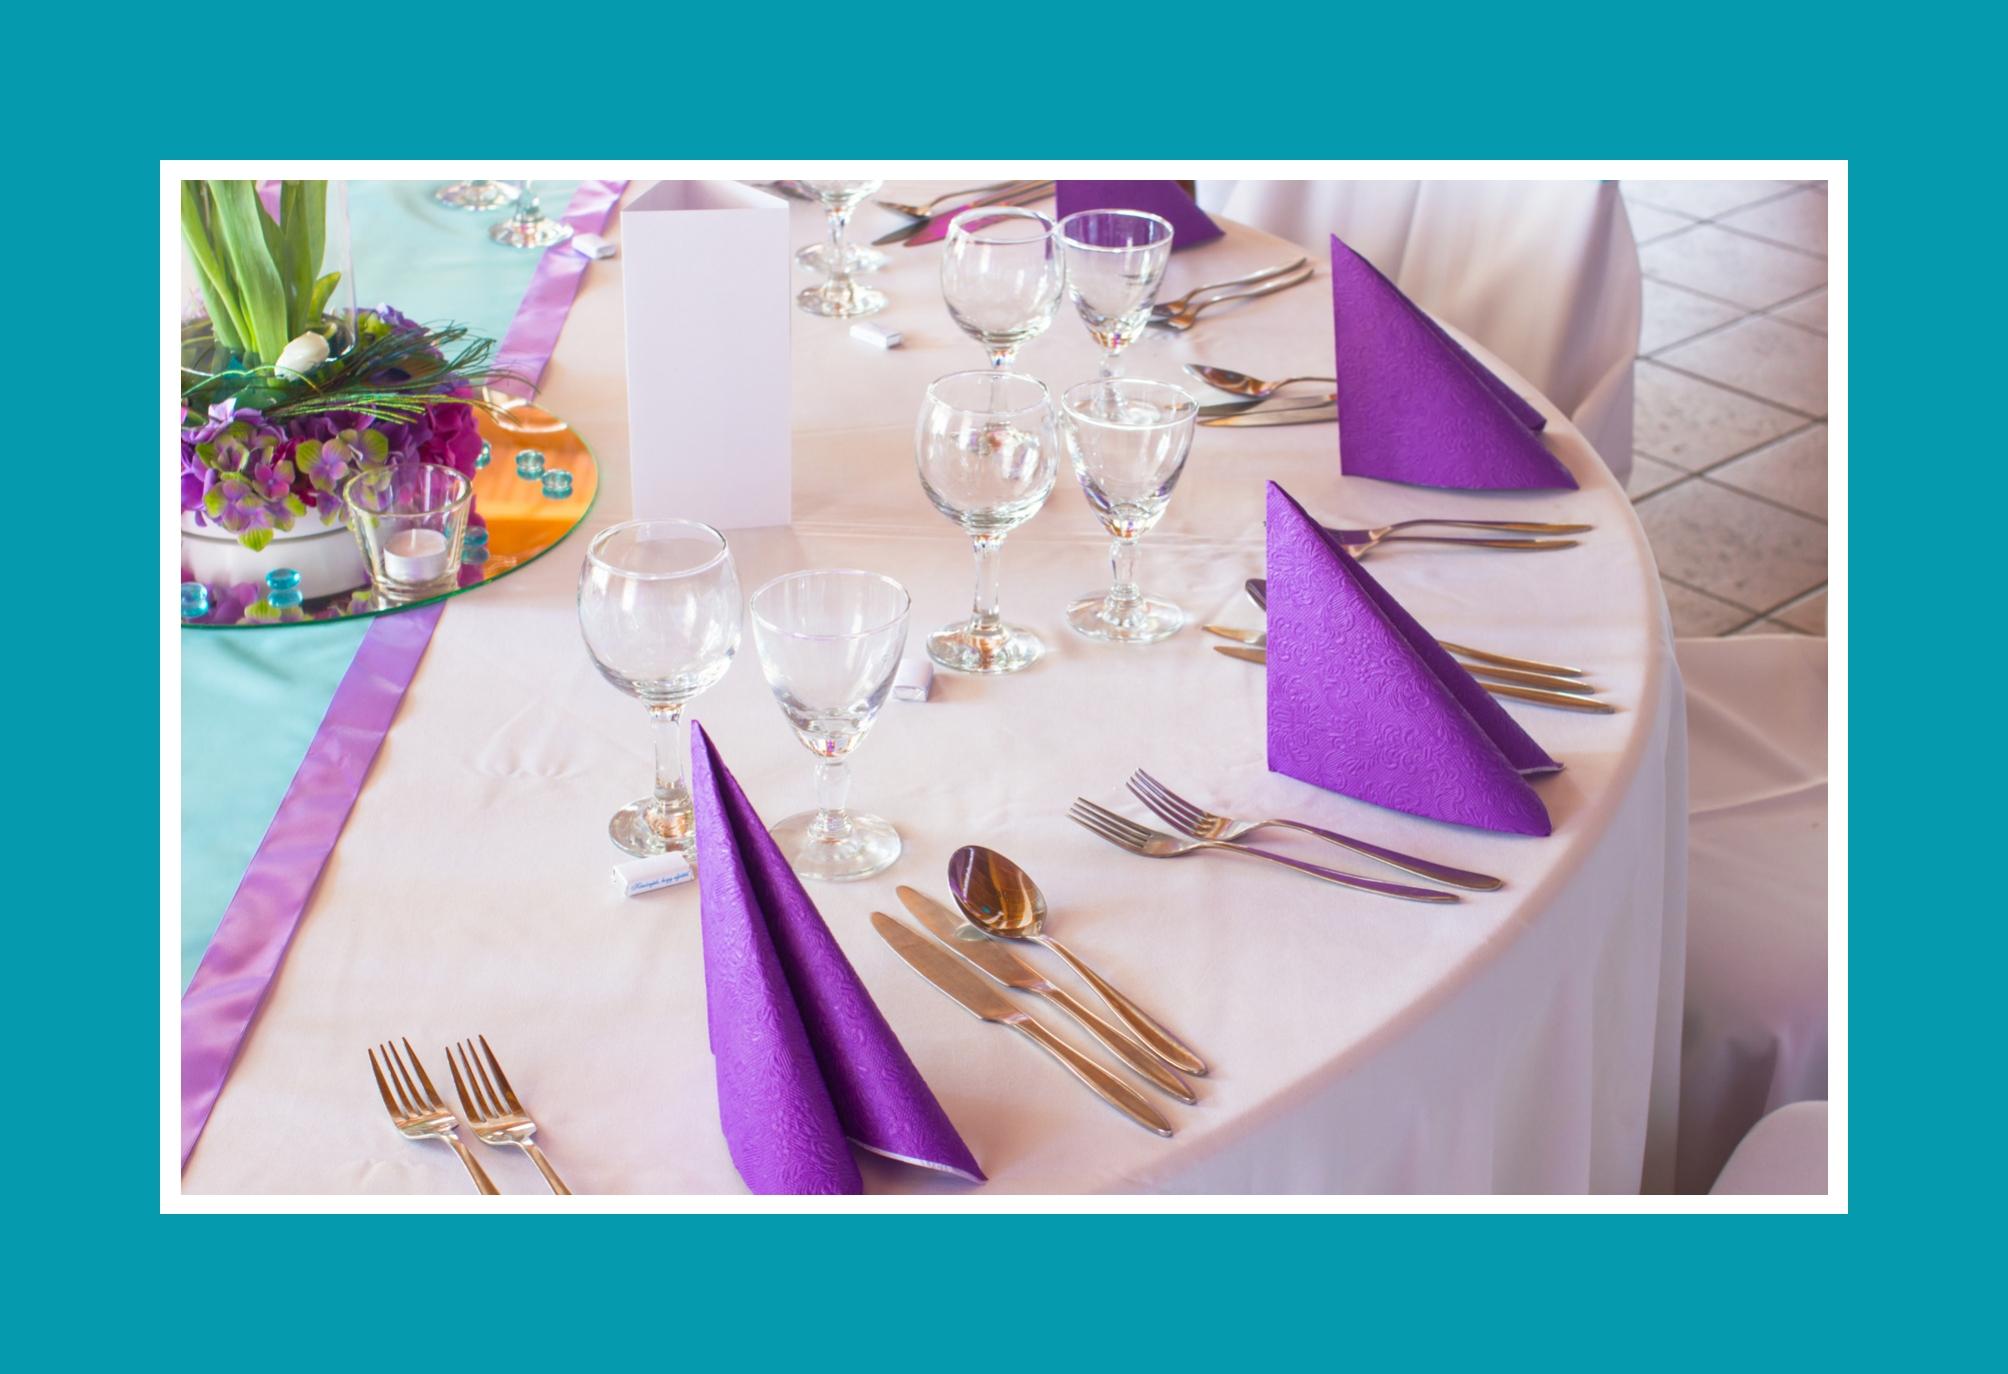 Blauer Tischläufer mit violetten Servietten